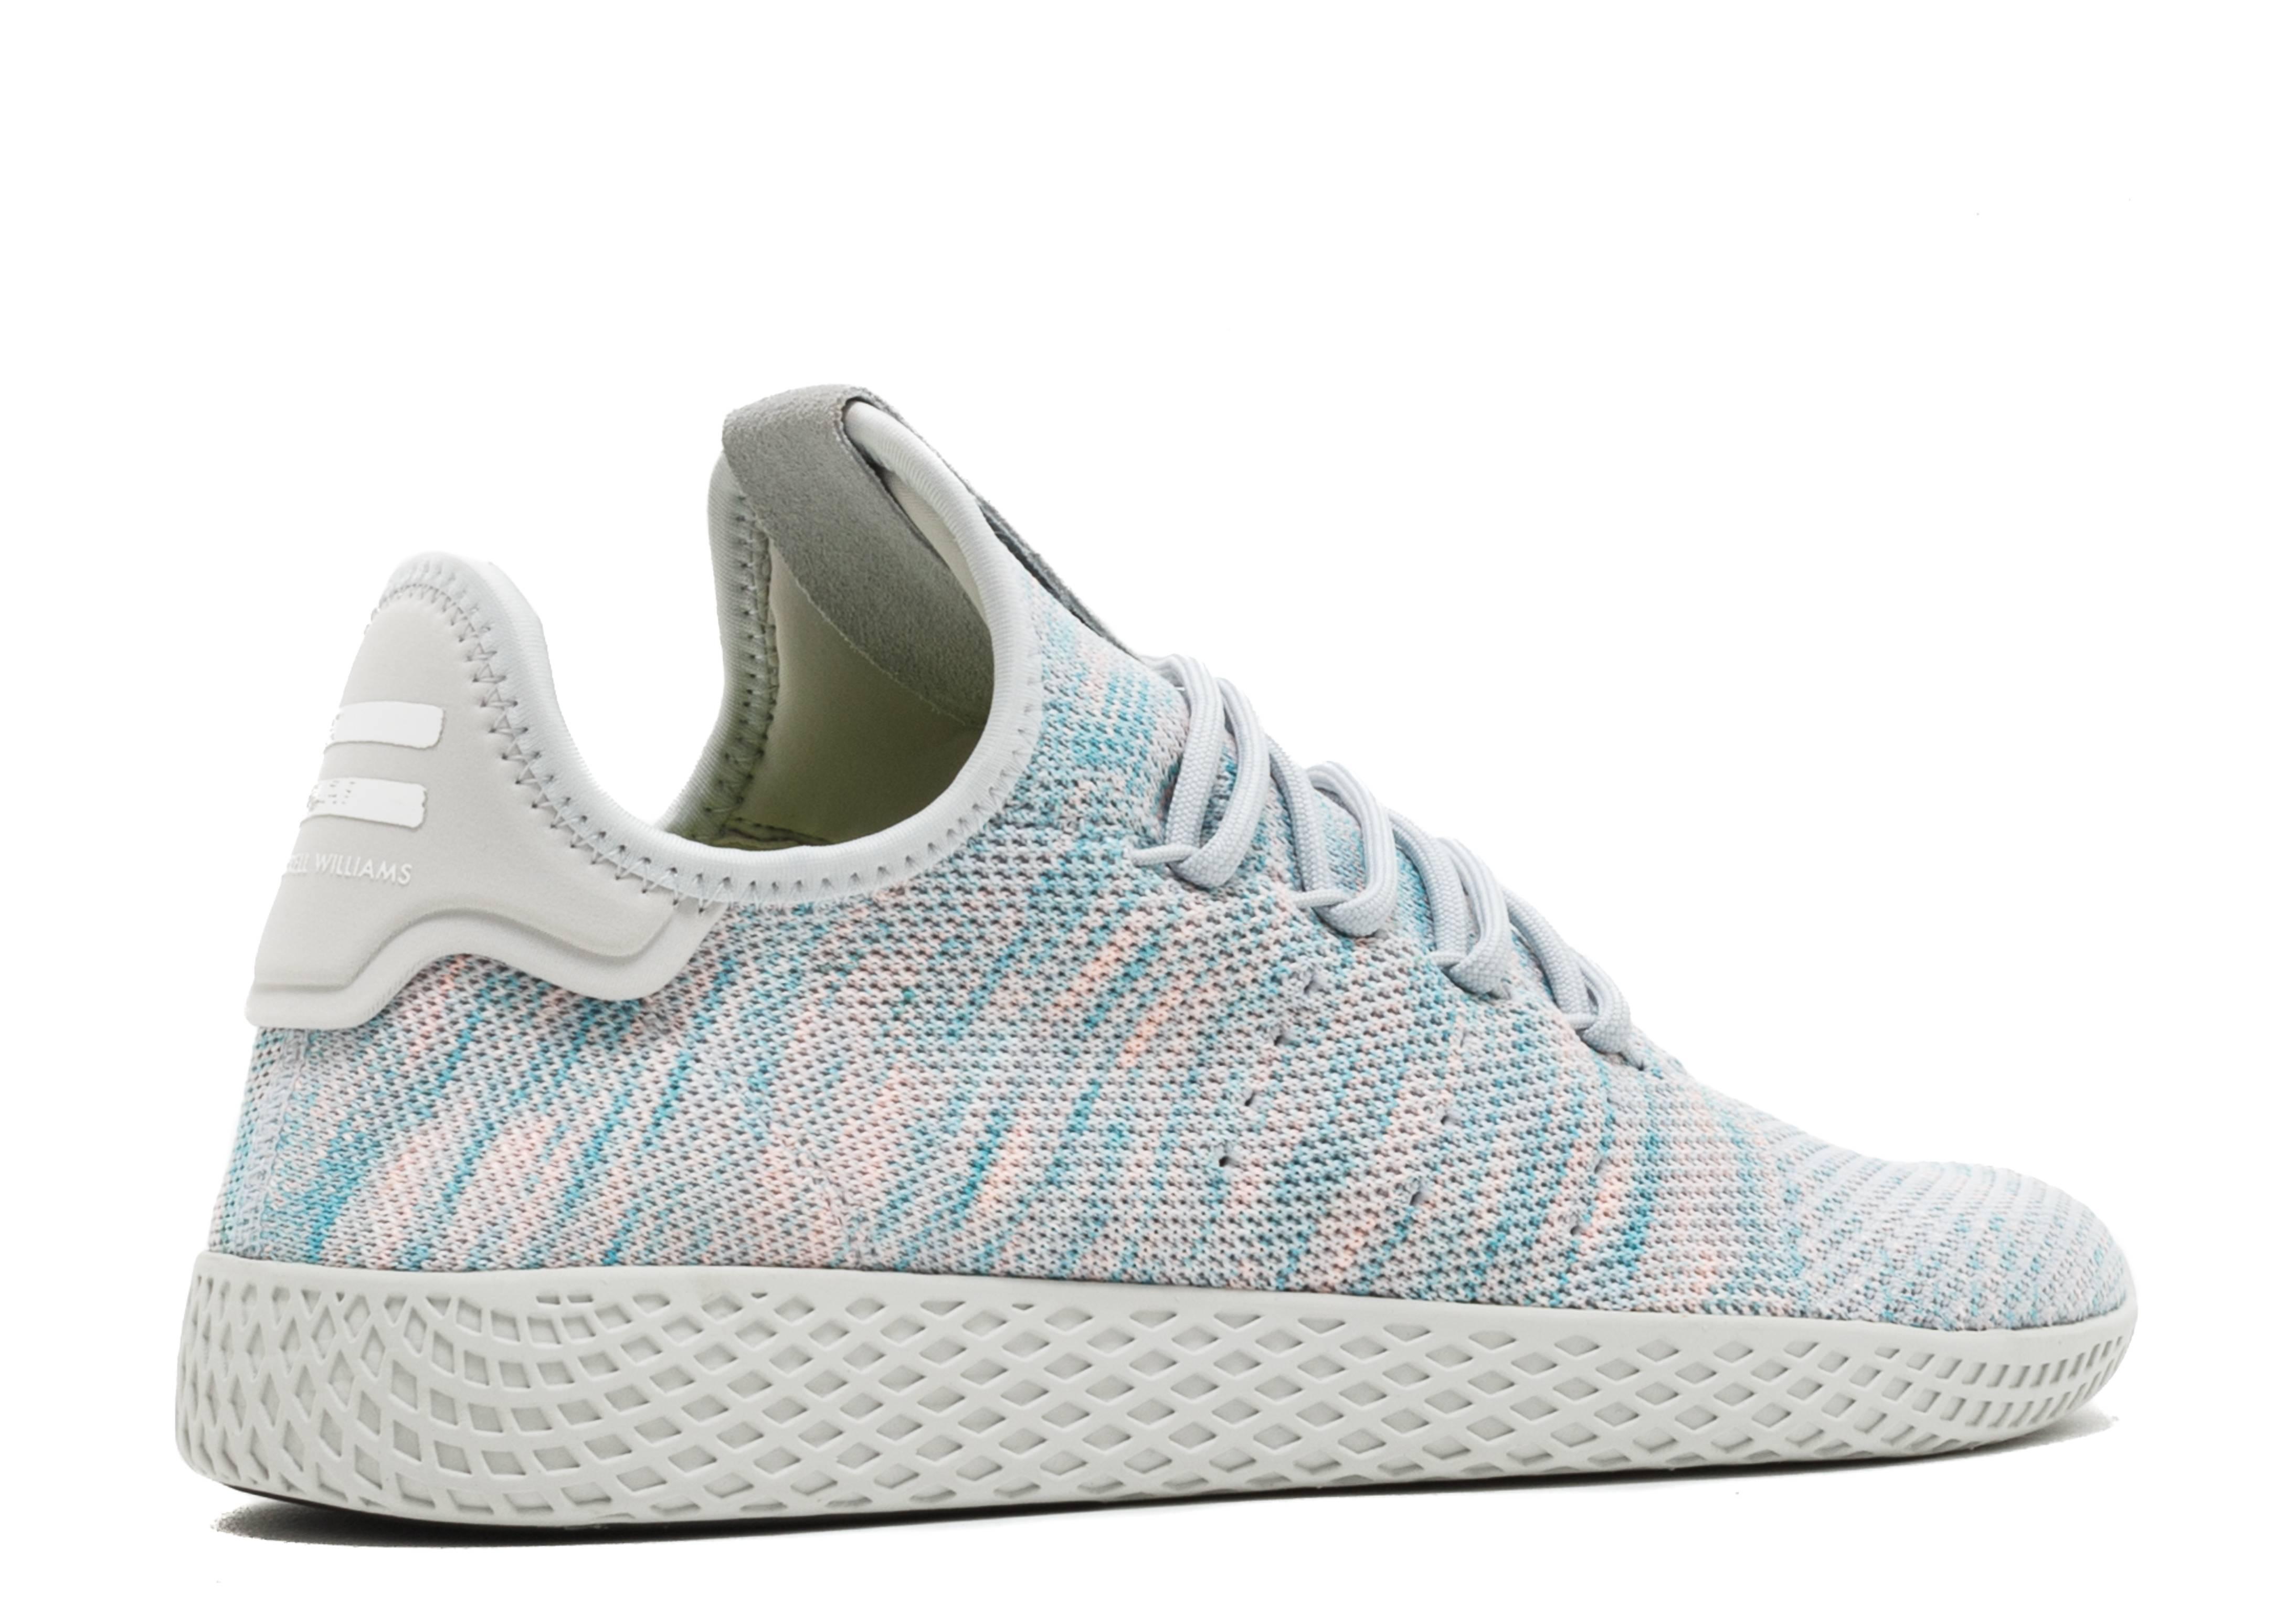 f2bac18c3f442 PW Tennis Hu - Adidas - BY2671 - cblue cgrey